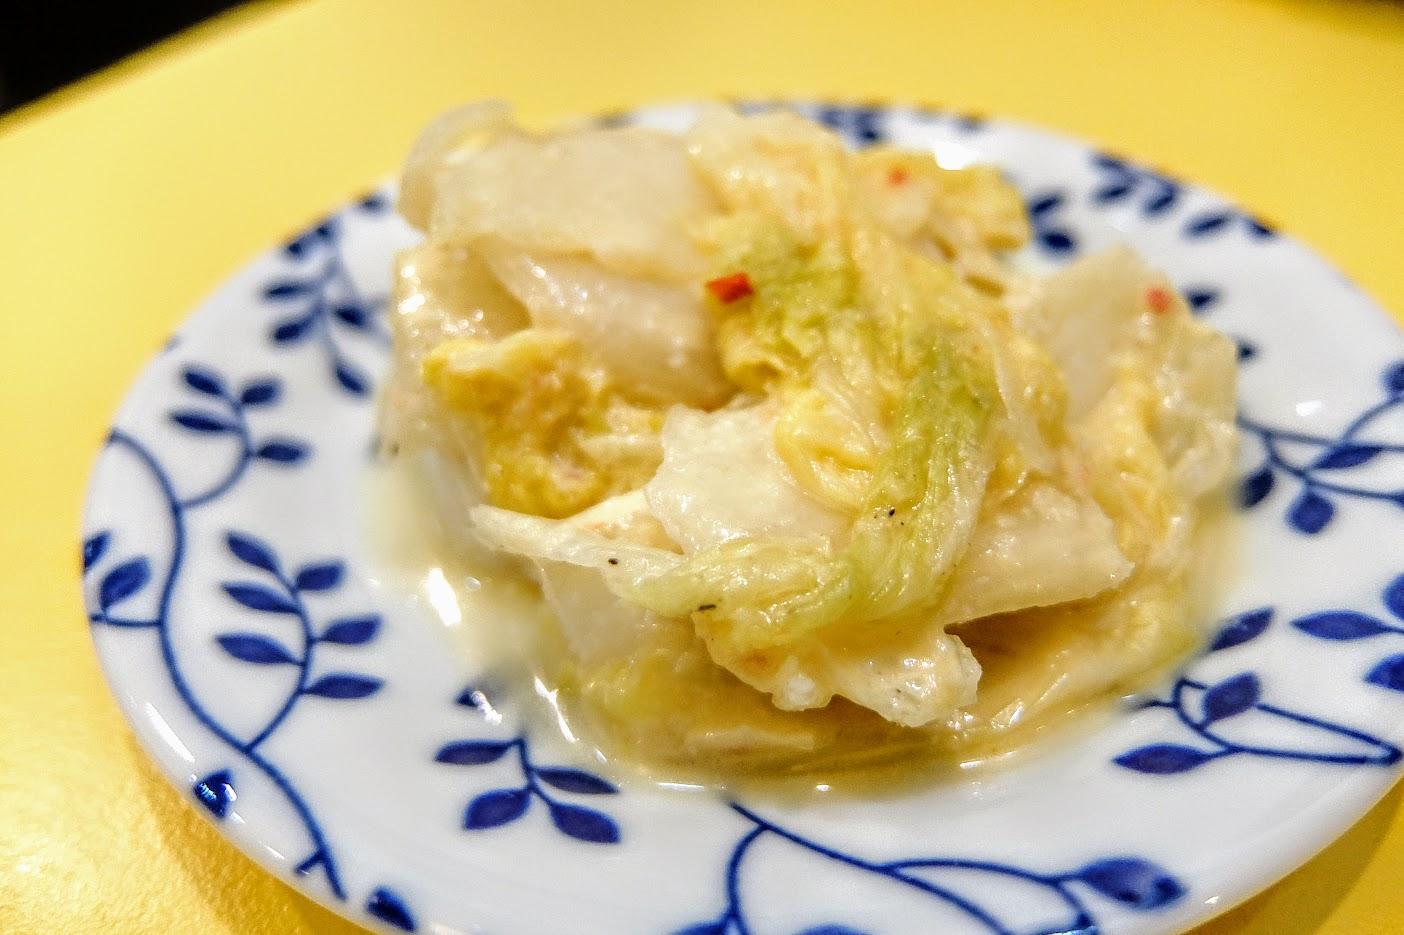 泡菜,頗像黃金泡菜的味道,帶著點辣味